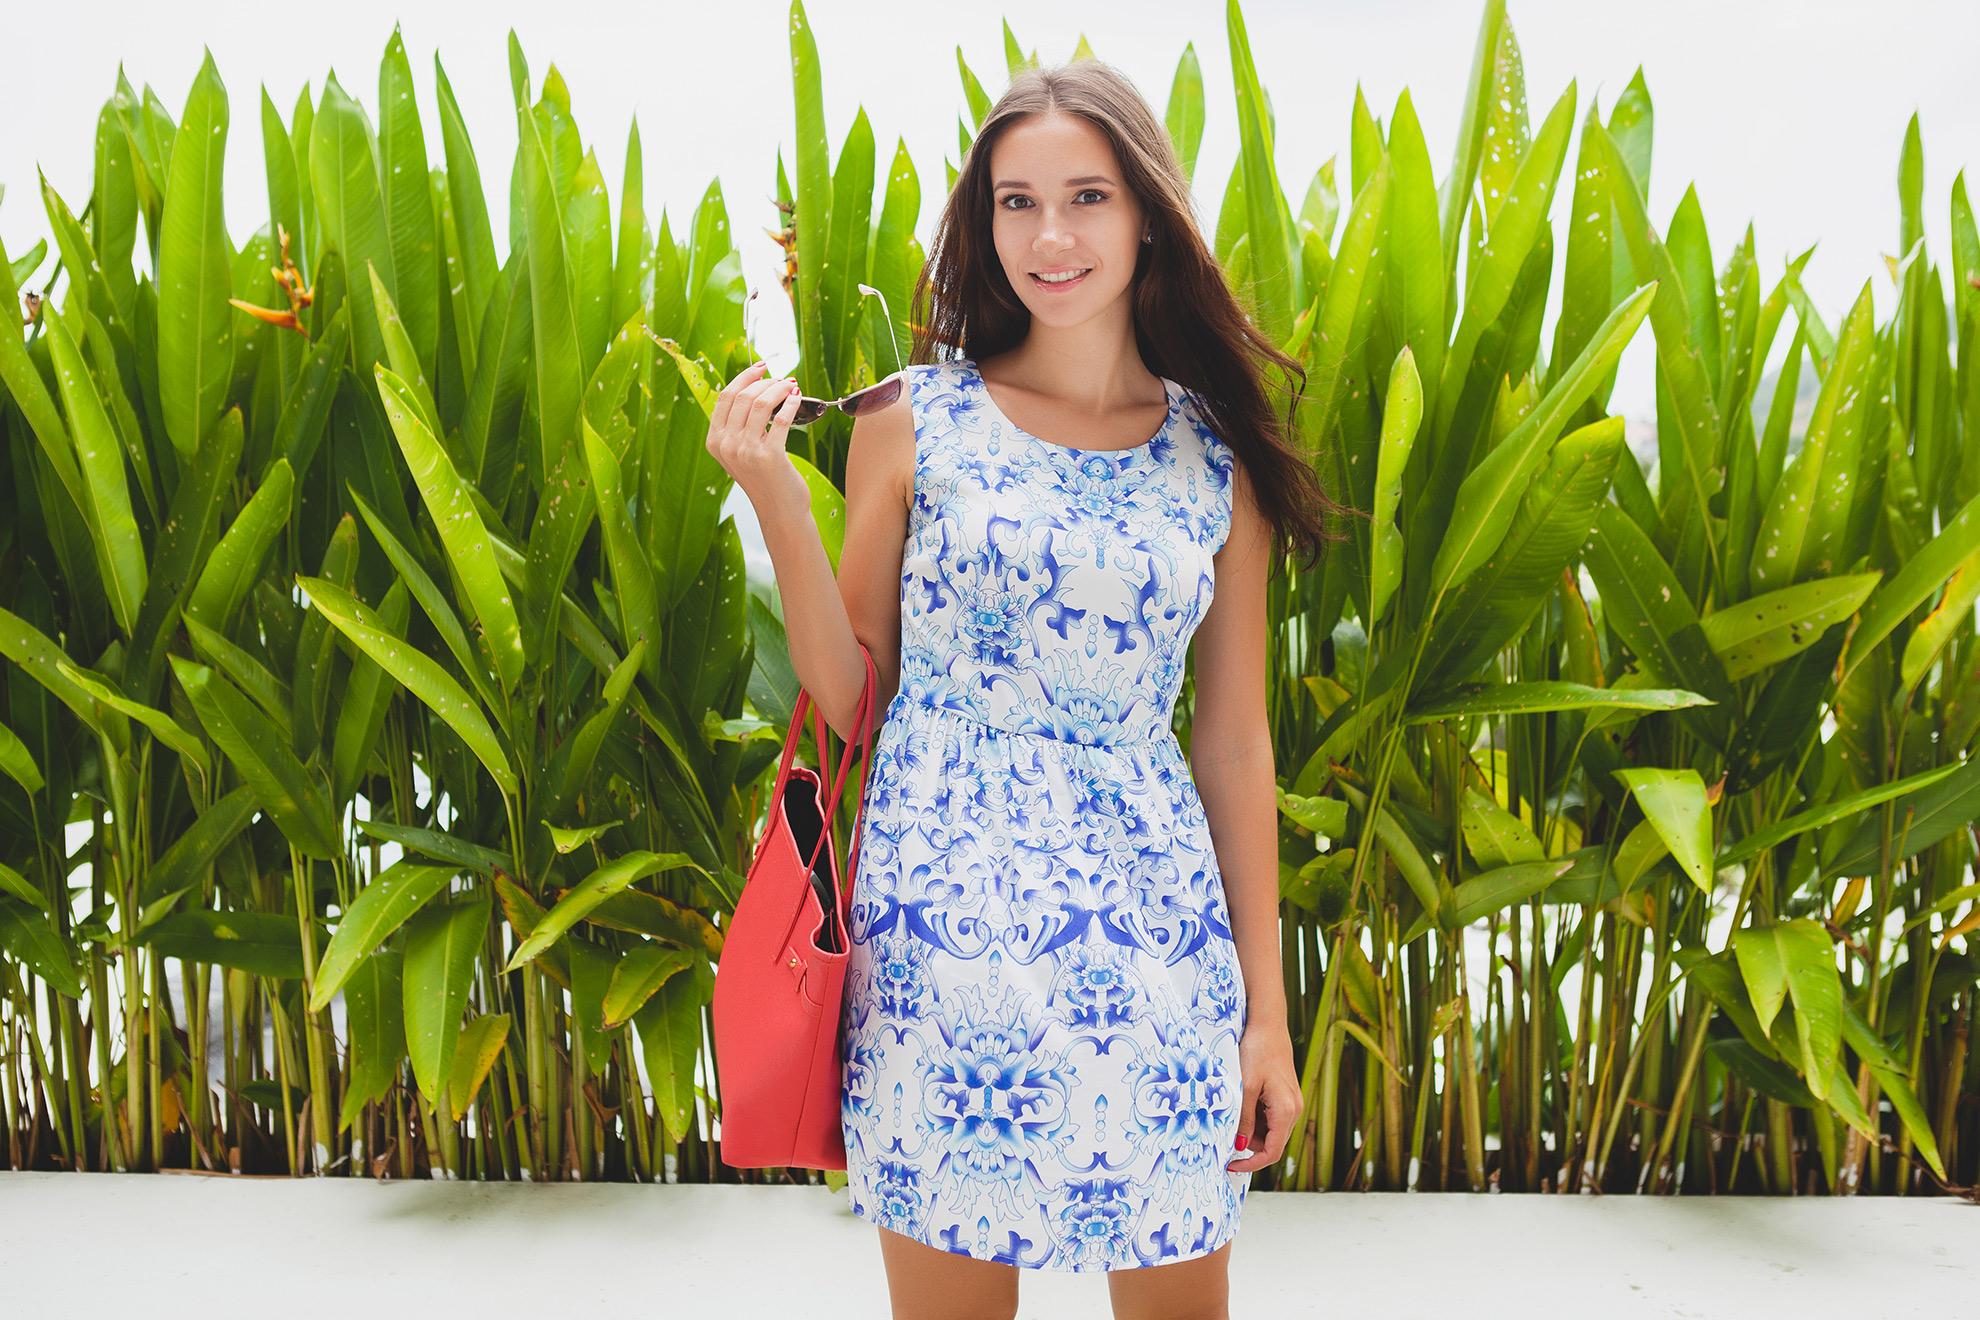 Kobieta w letniej sukience, ilustracja do artykułu o letnich sukienkach